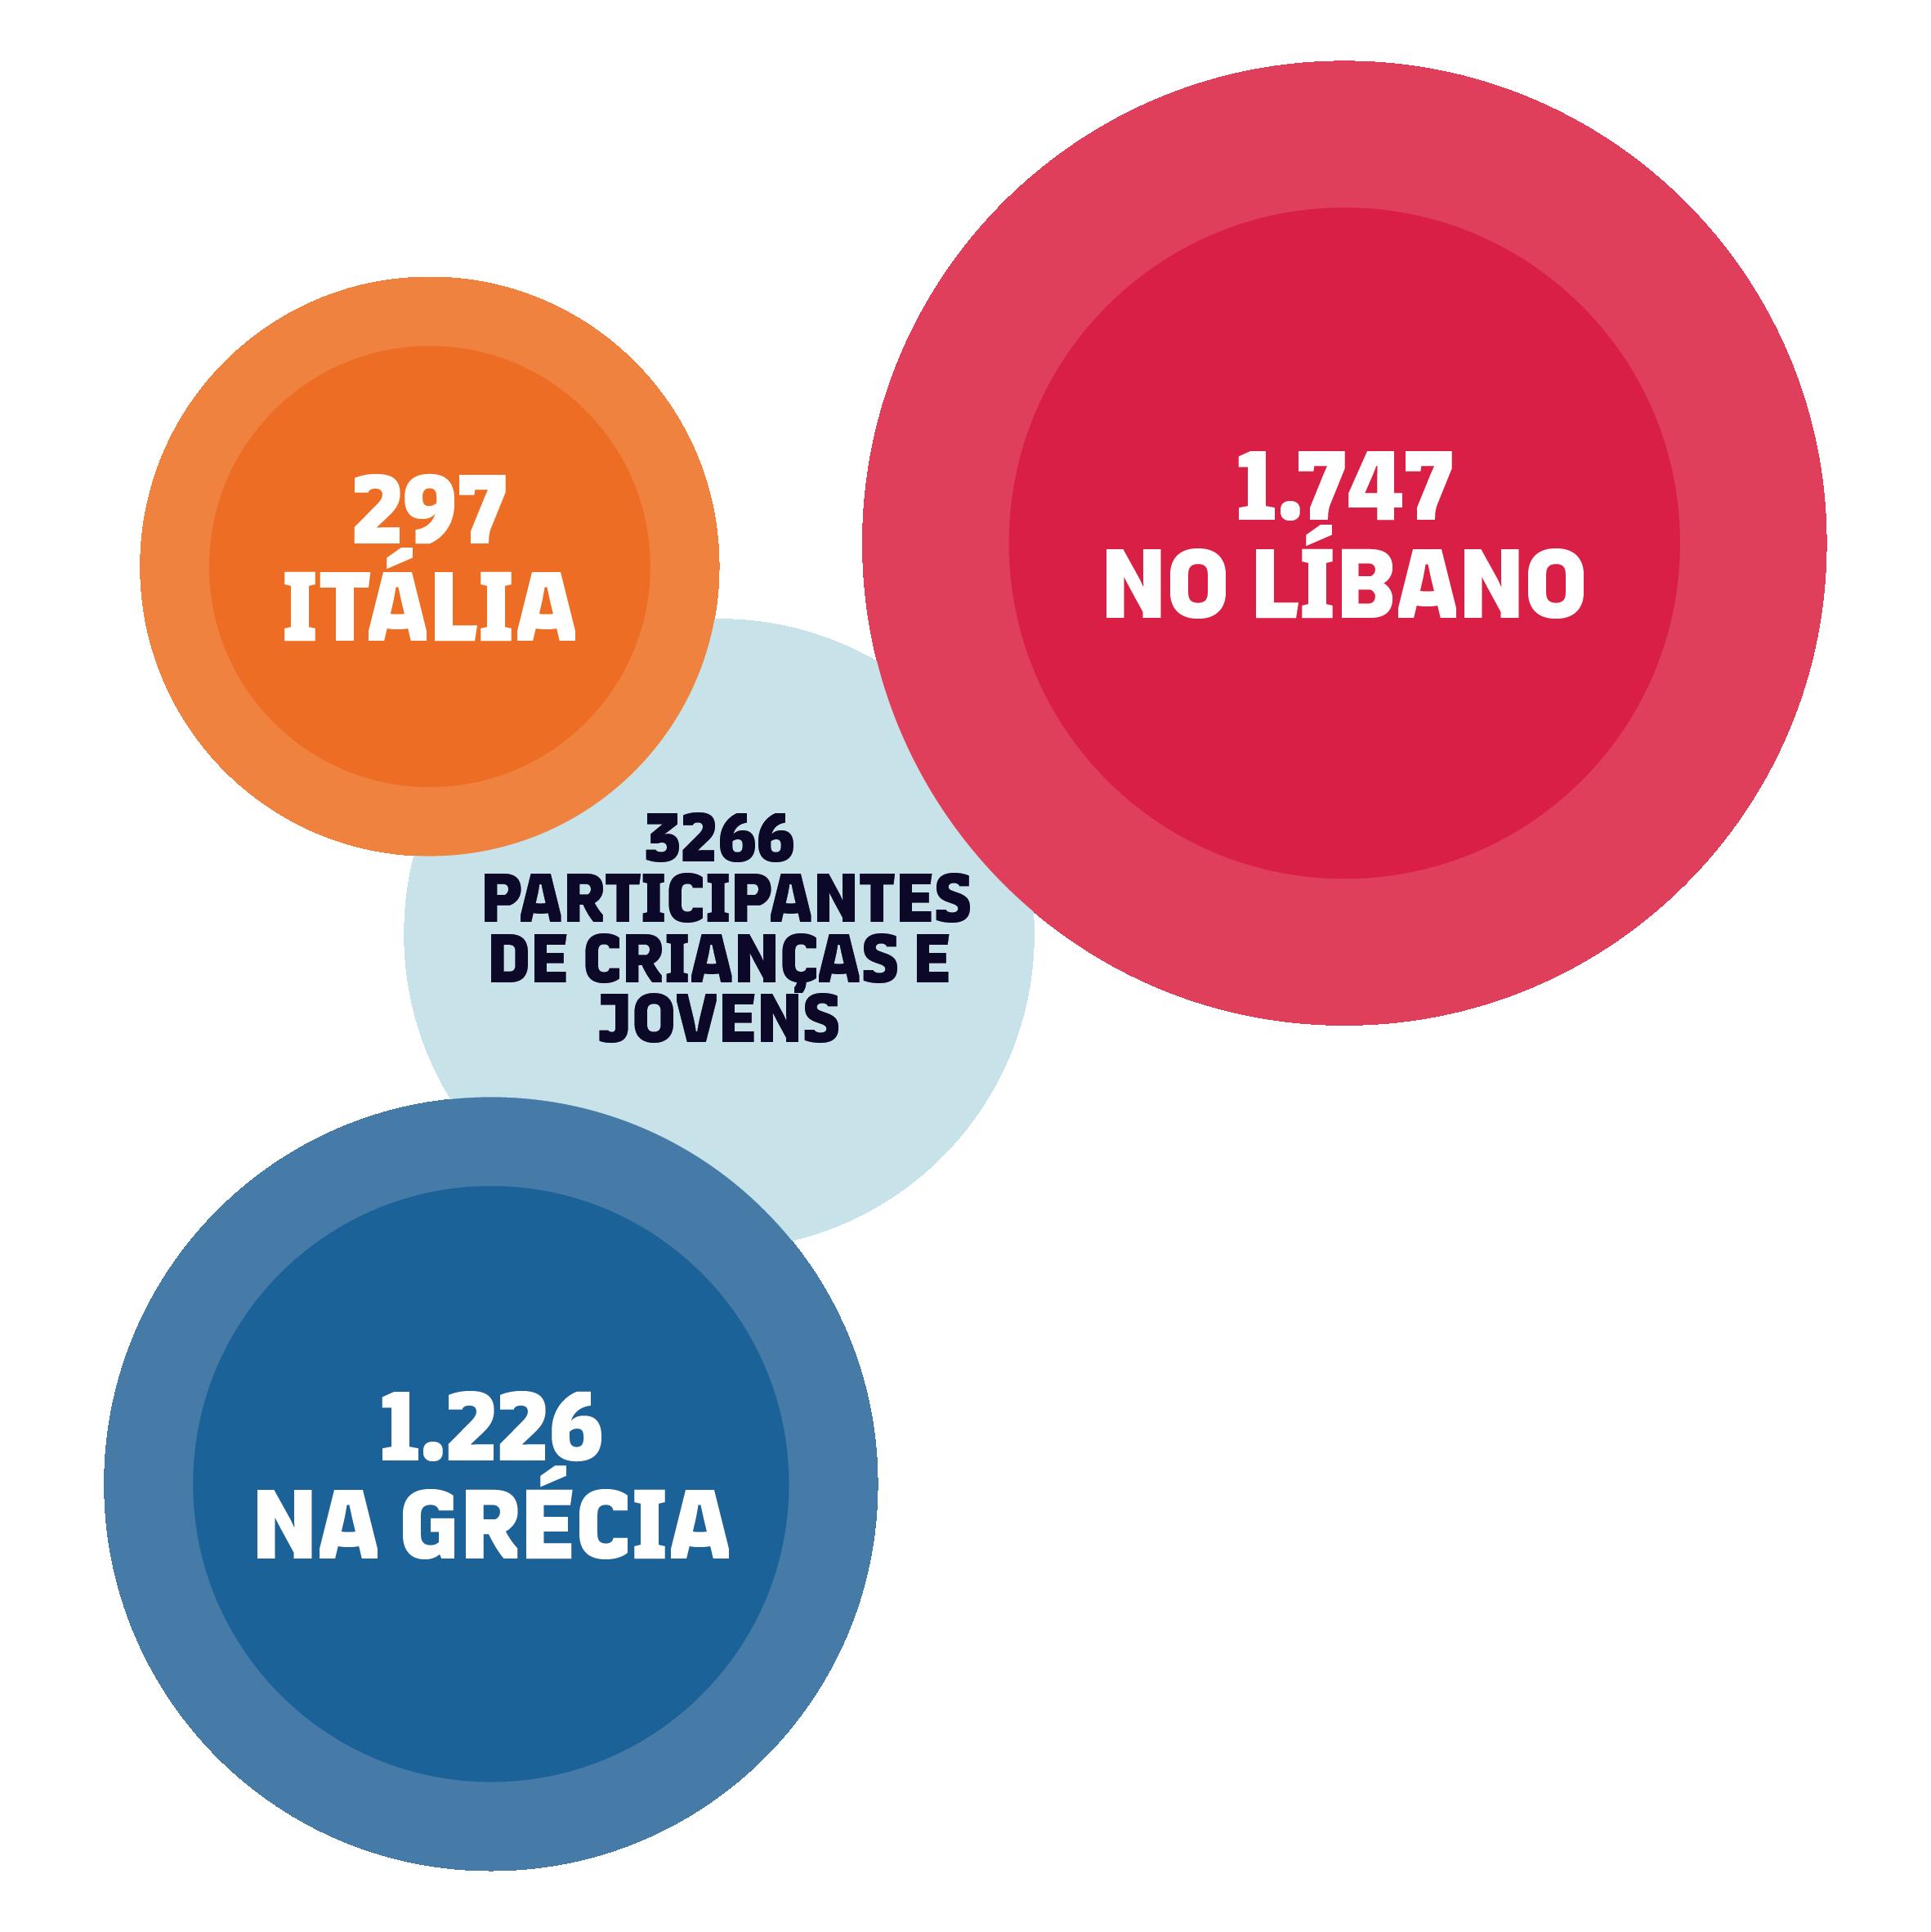 Total 3.266 crianças participantes: 297 Itália, 1.747 Líbano, 1.226 Grécia